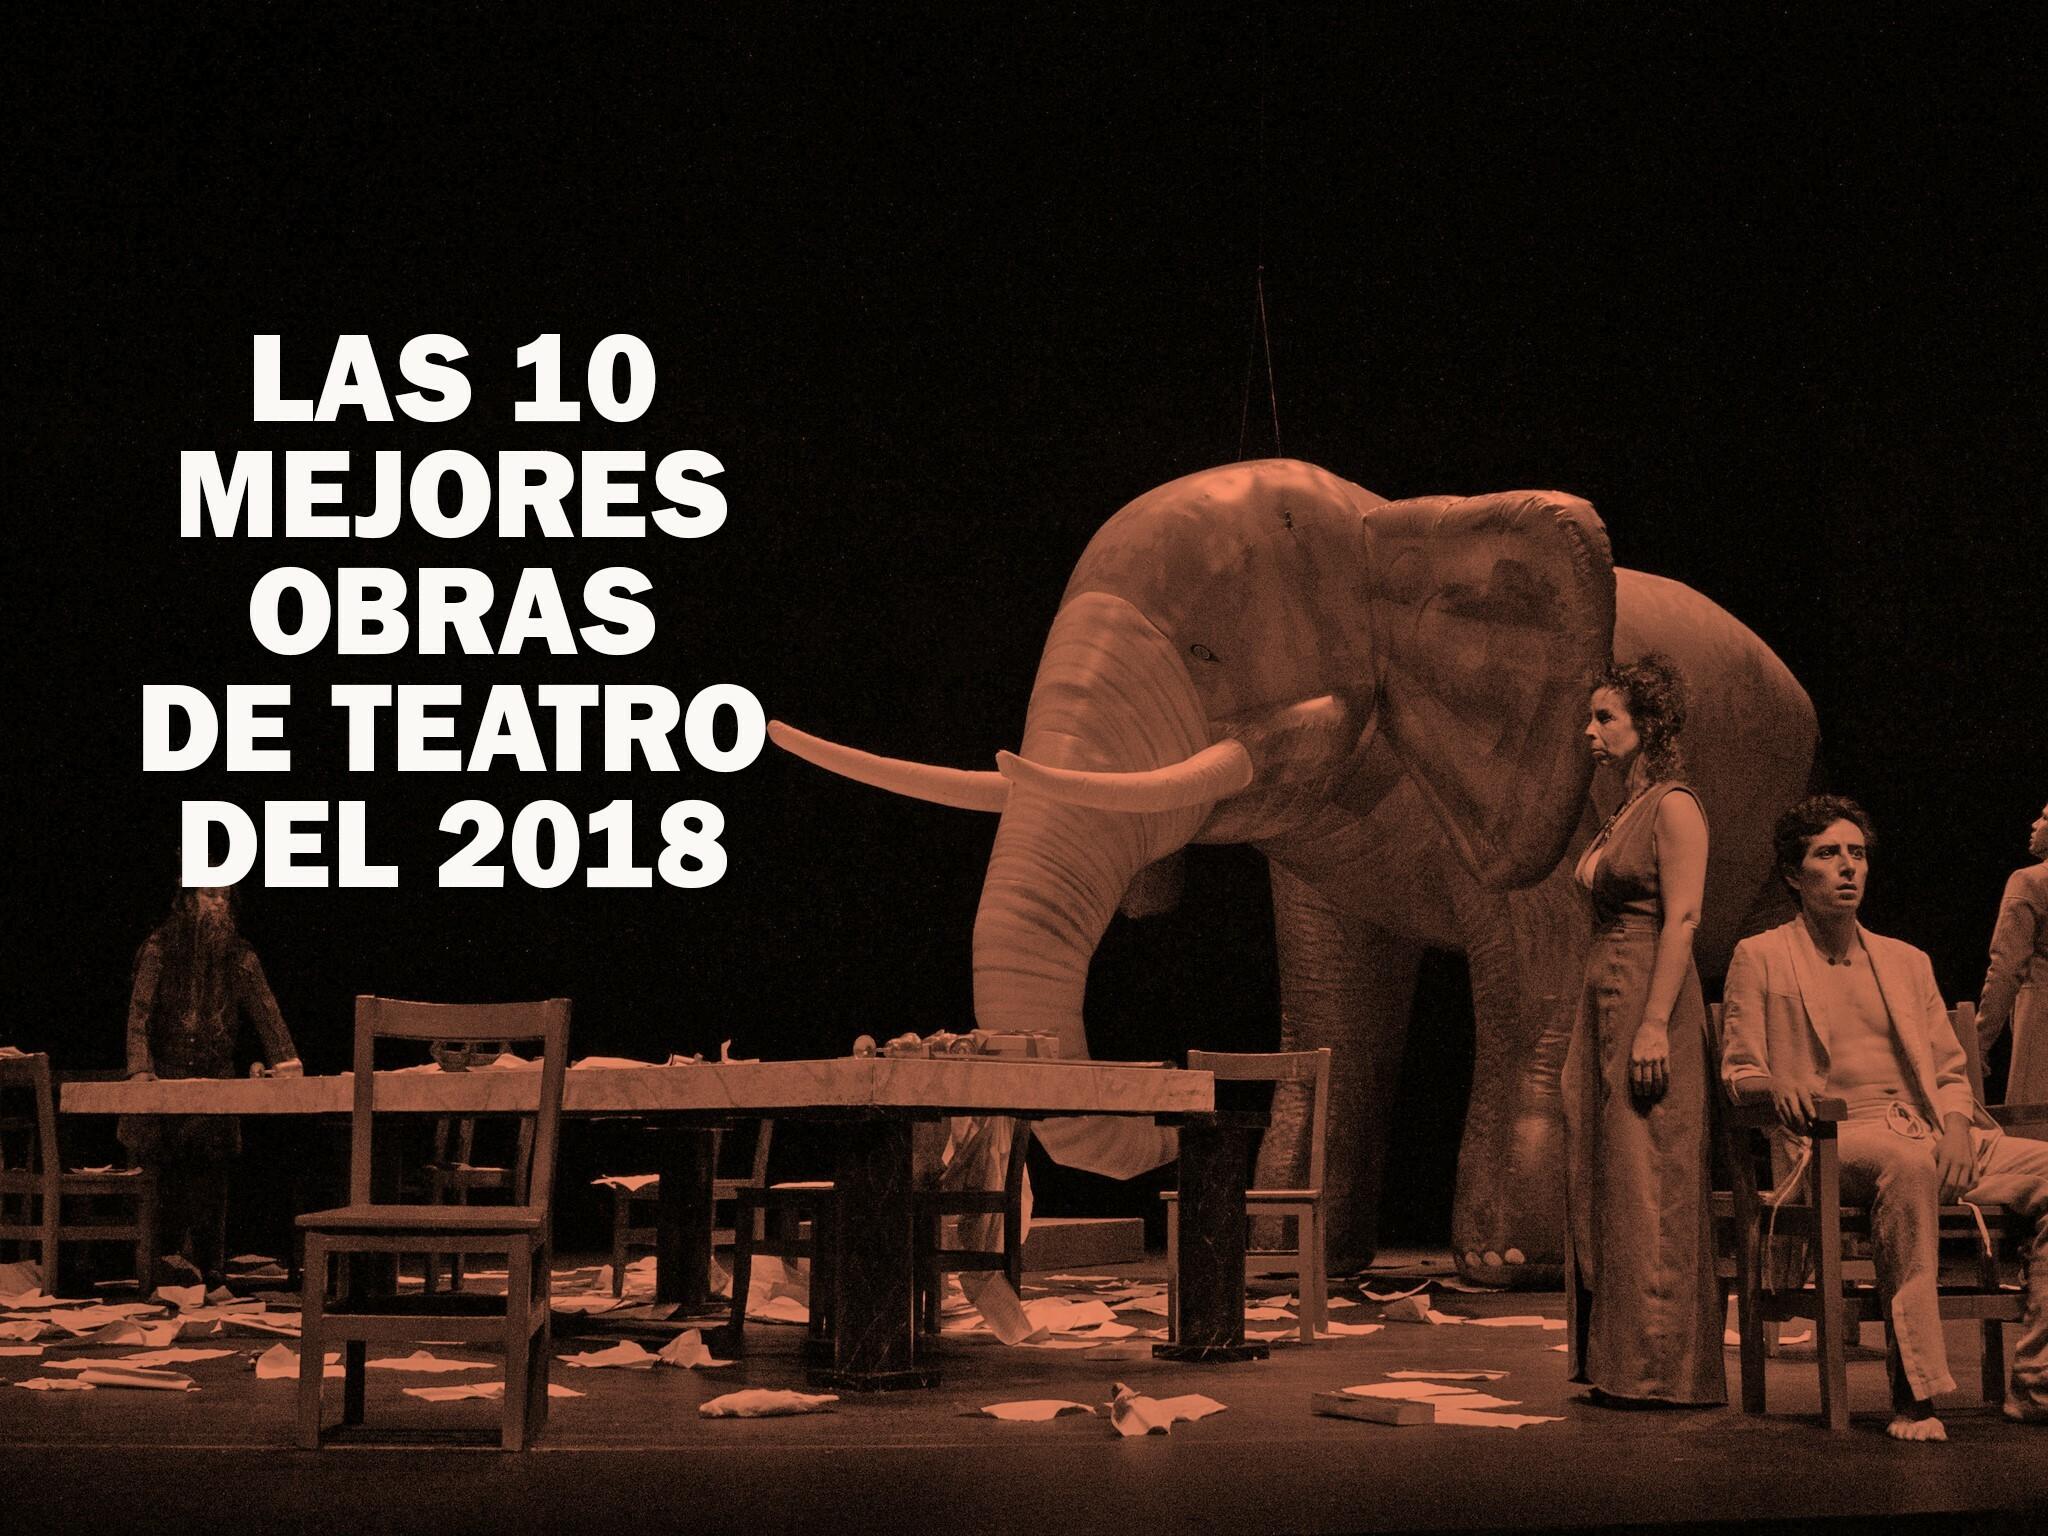 Los 10 mejores obras de teatro en la CDMX